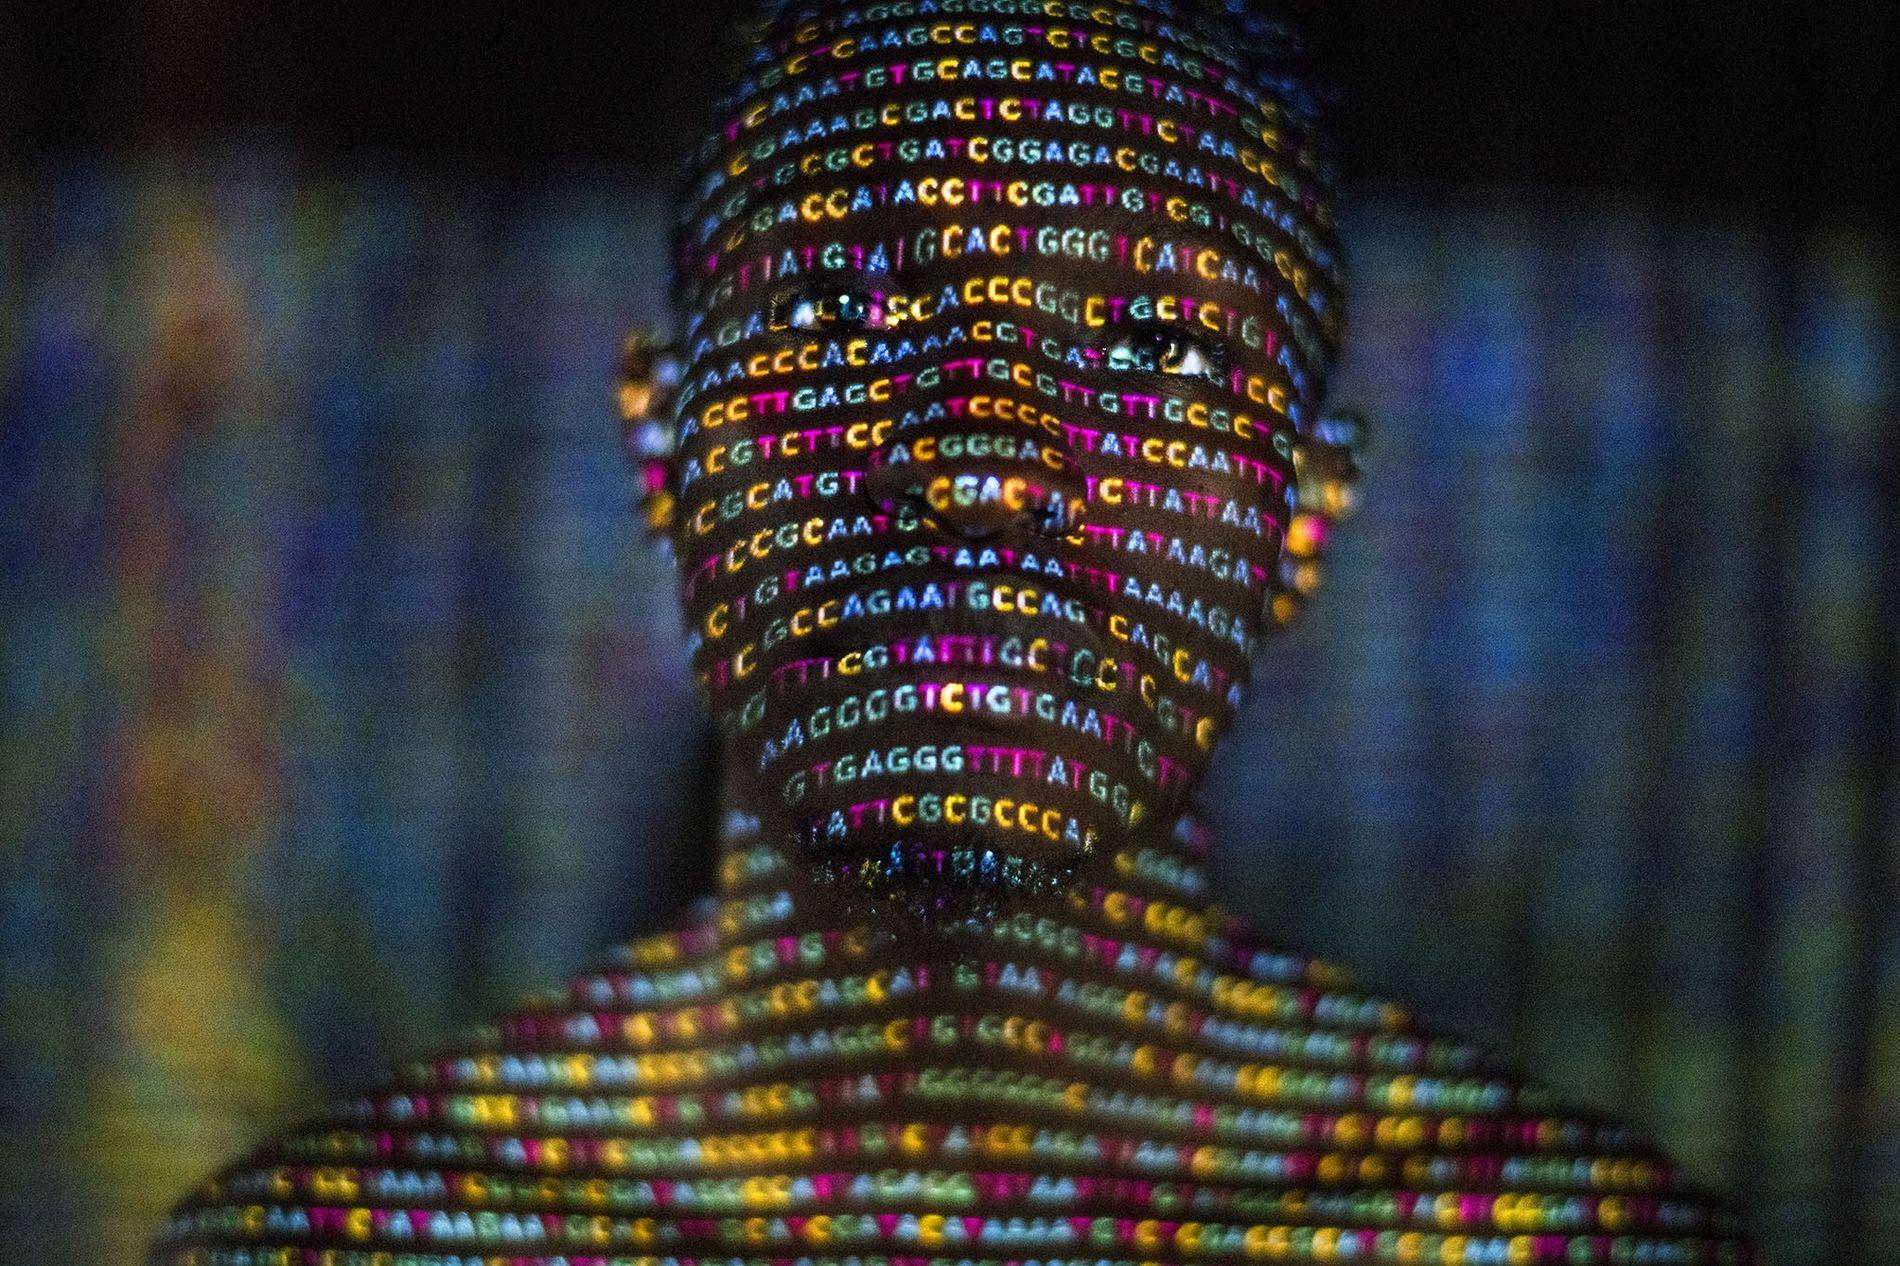 As quatro letras do código genético - A, C, G e T - são projetadas em um homem ugandense.